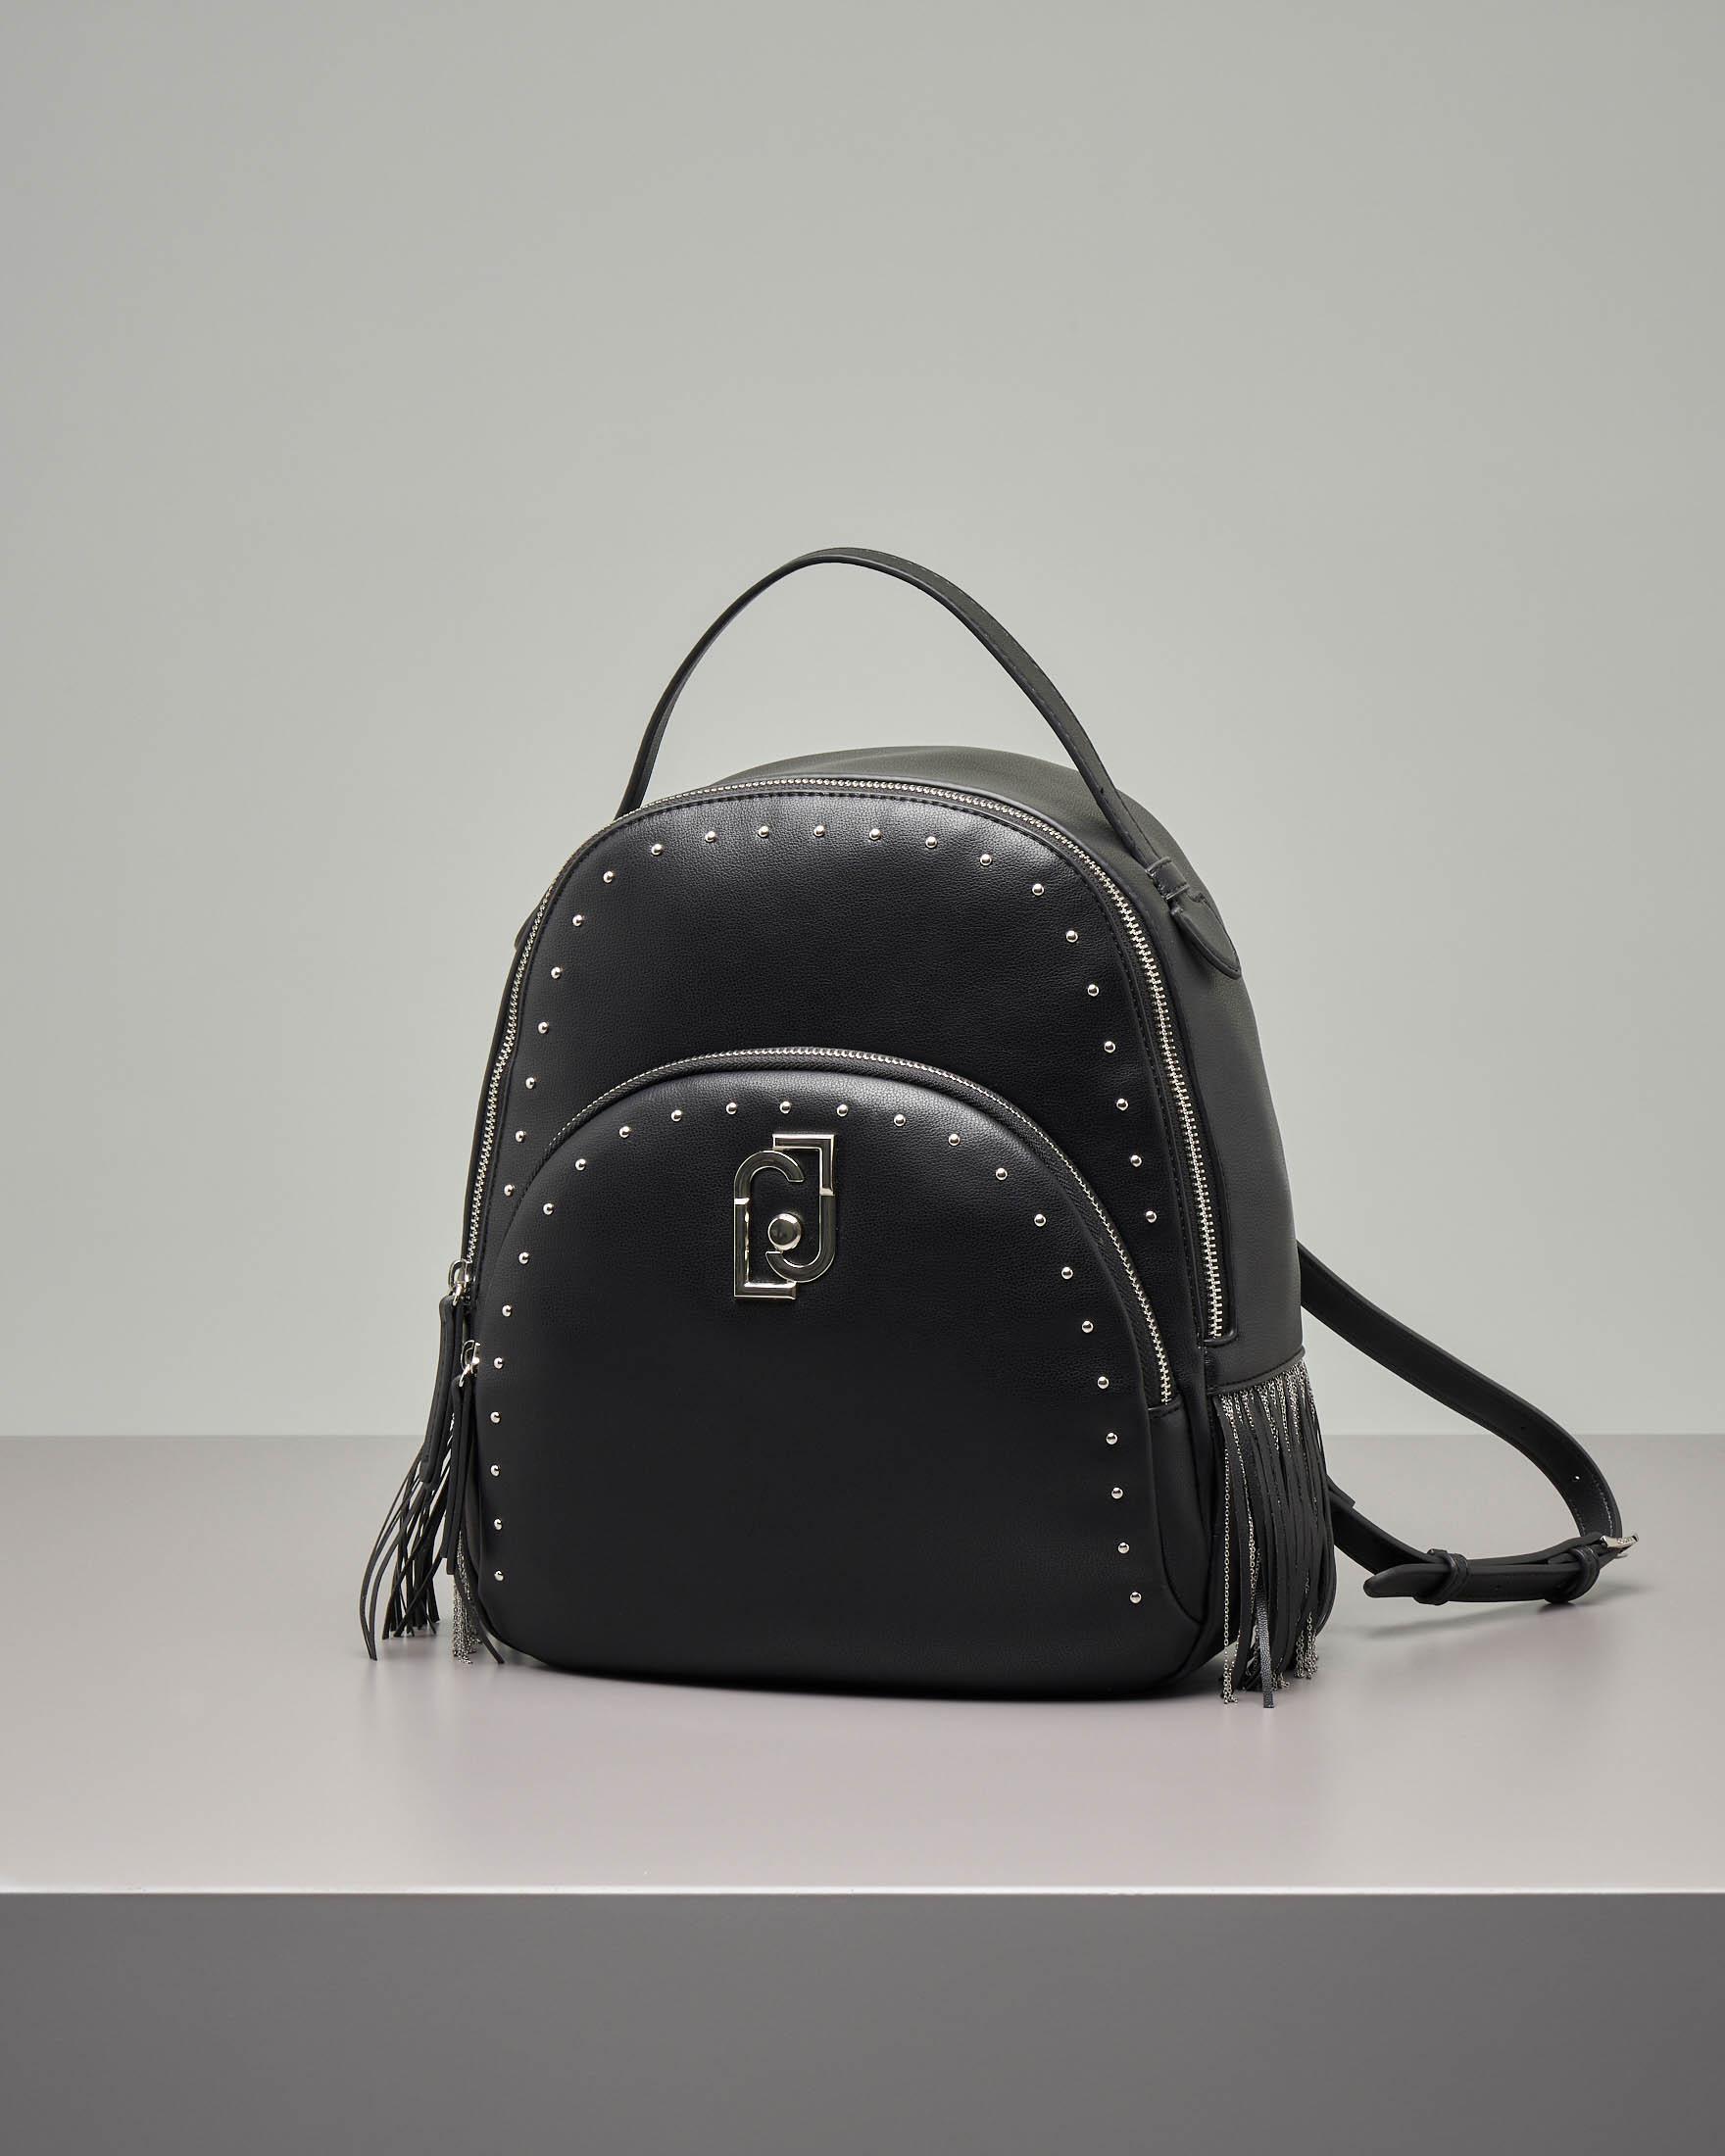 Zaino nero in eco pelle effetto liscio con borchie e frange applicate